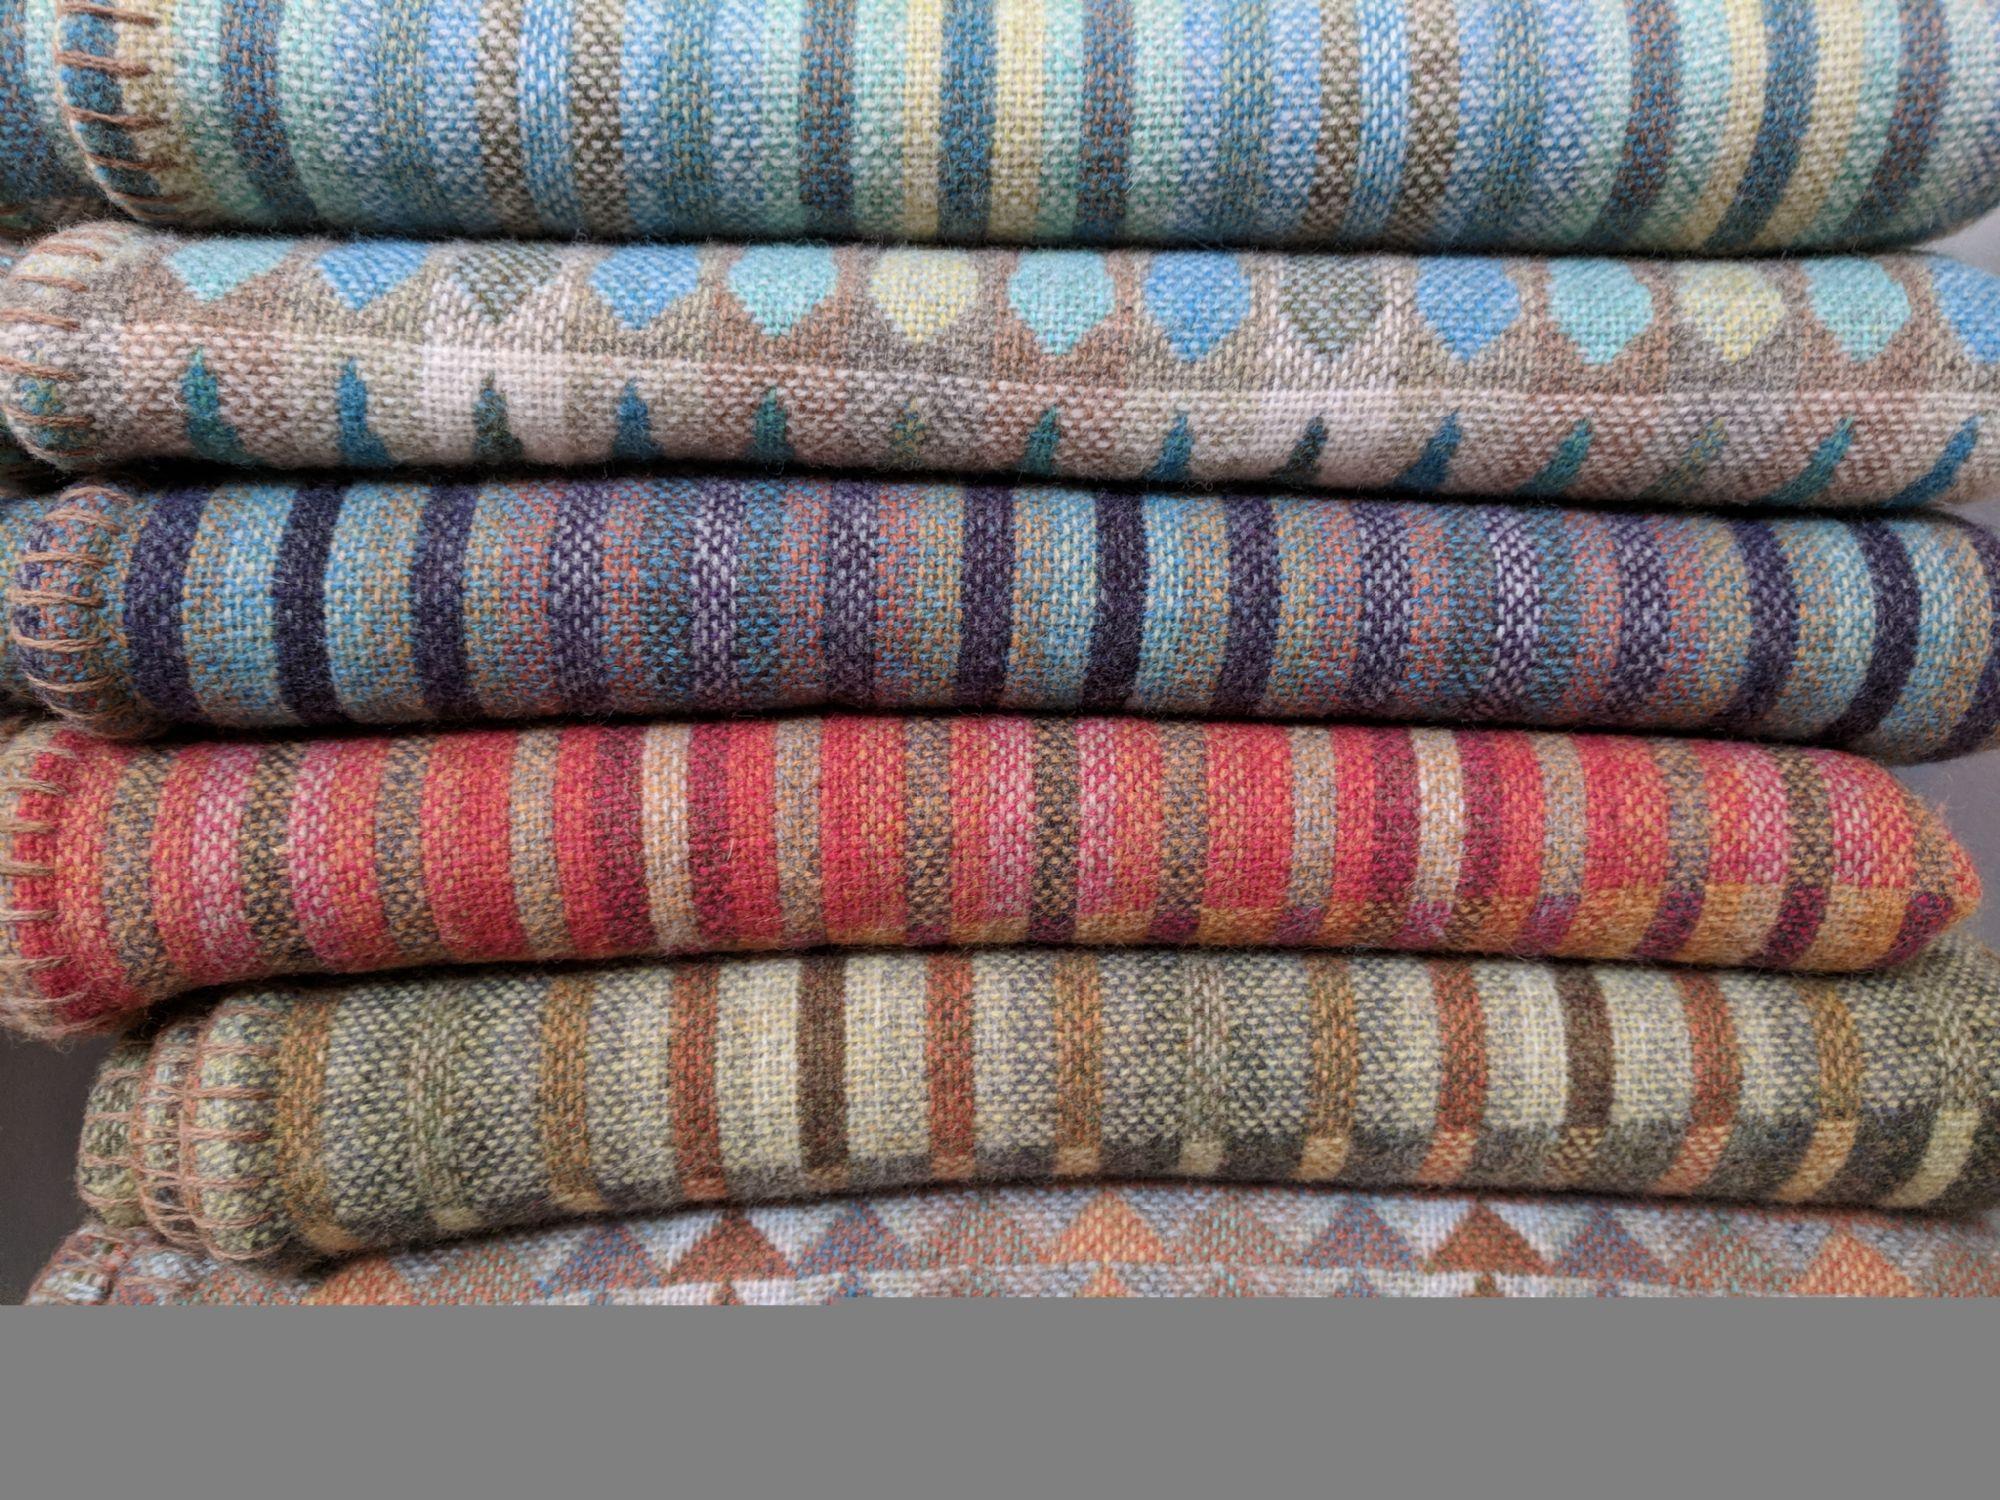 Stack of woolen blankets